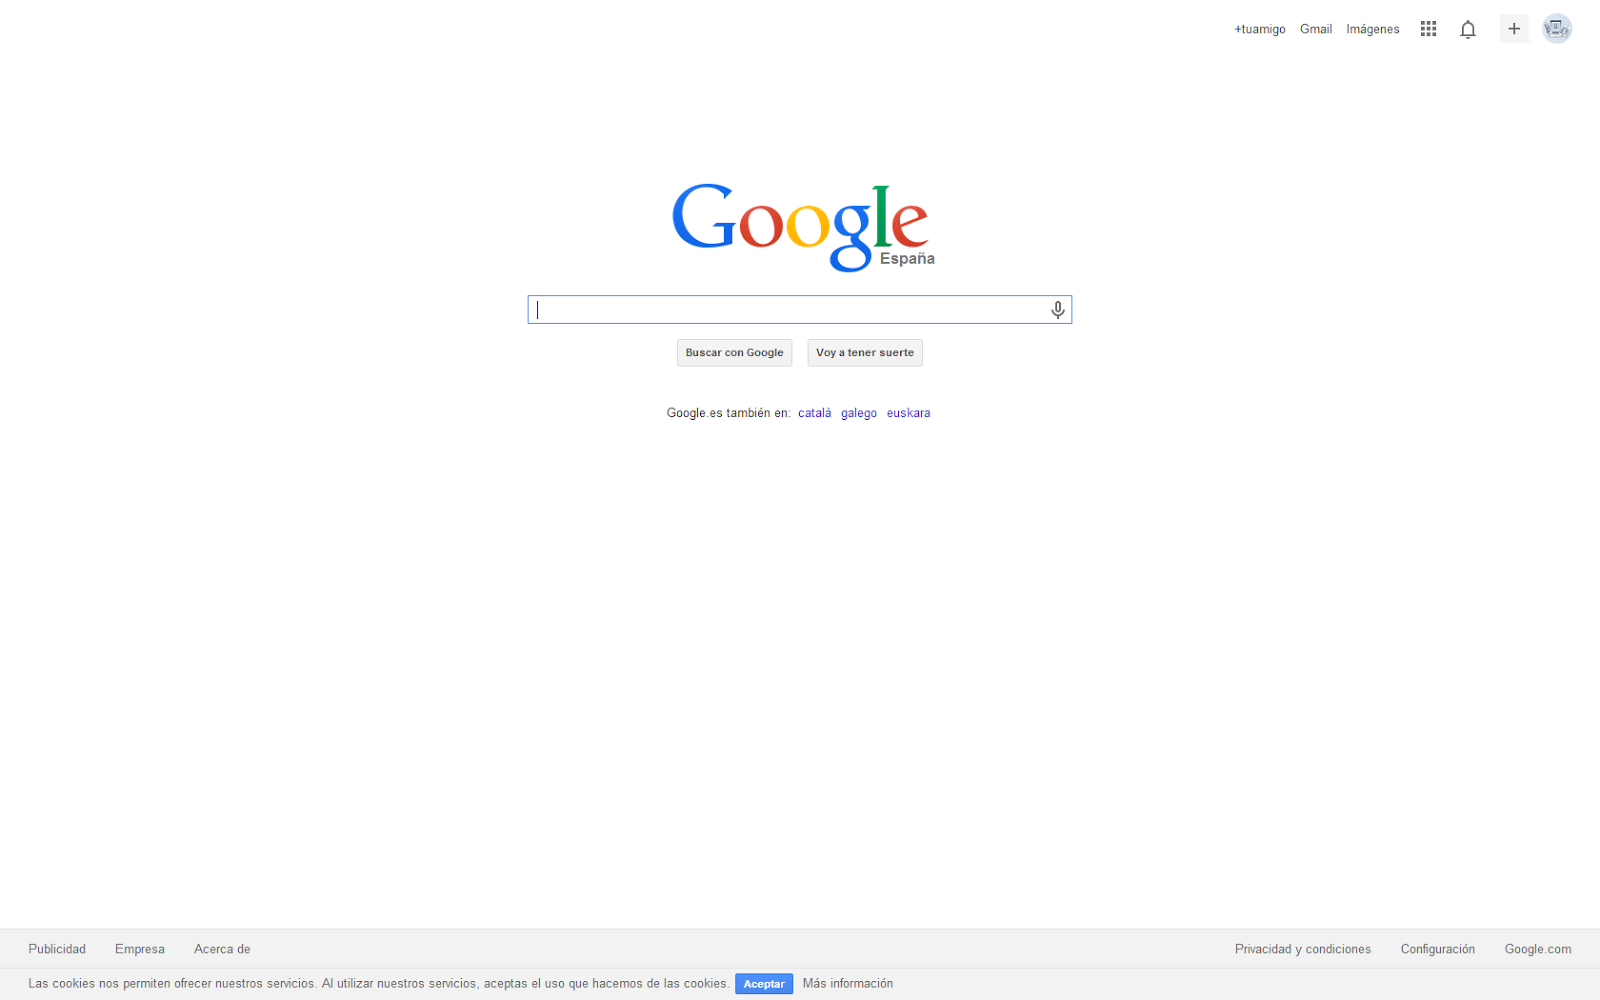 Pantalla completa de nuestro navegador